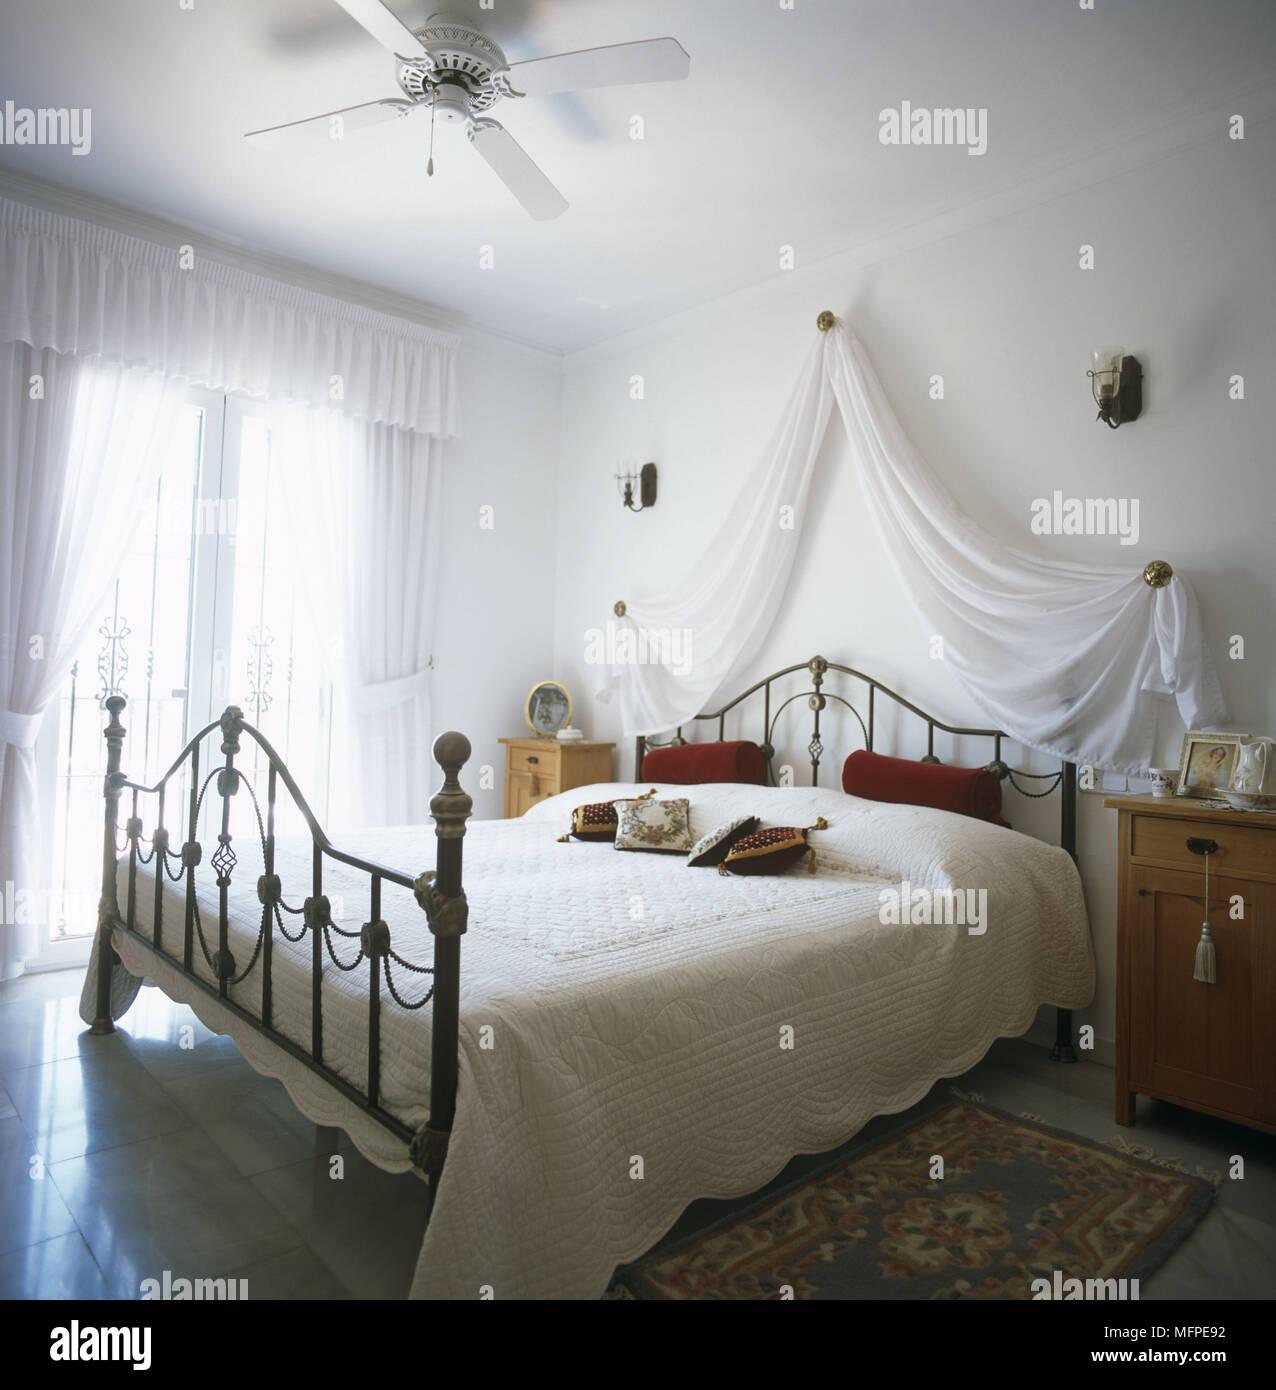 Letto A Soffitto Matrimoniale Design.Un Bianco Tradizionale Camera Da Letto Con Letto Matrimoniale In